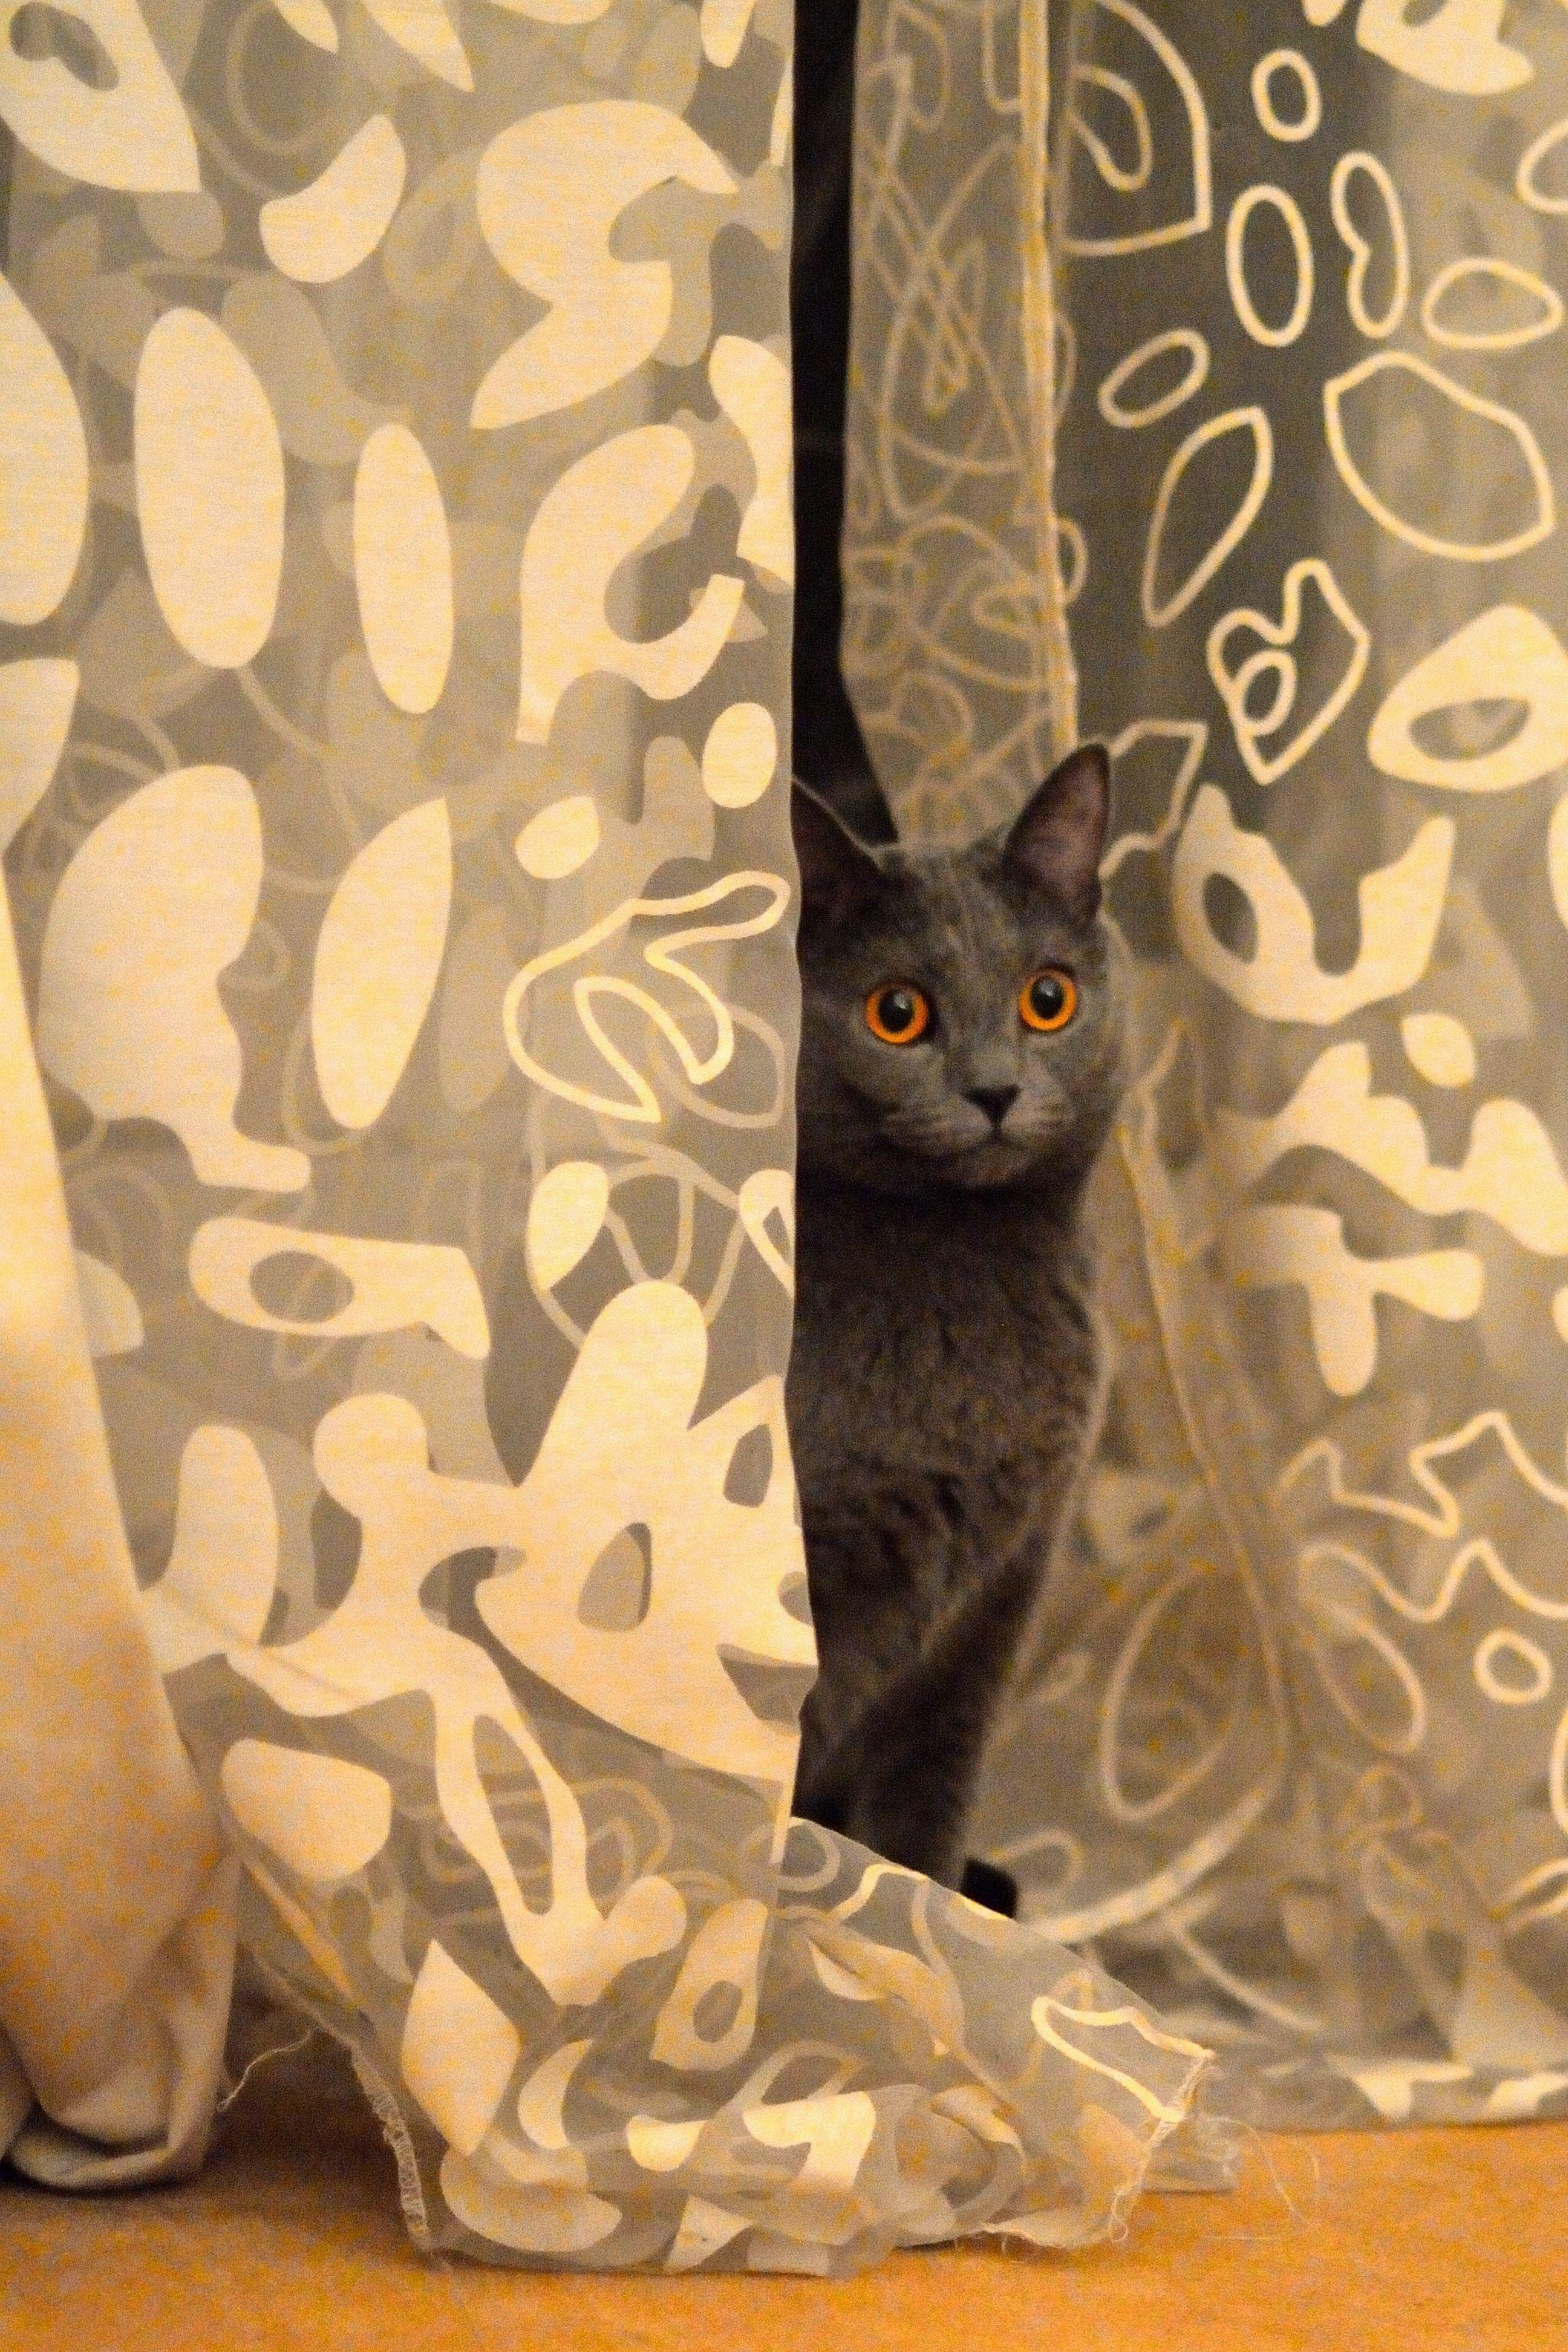 Charlotte, the Parisien cat.